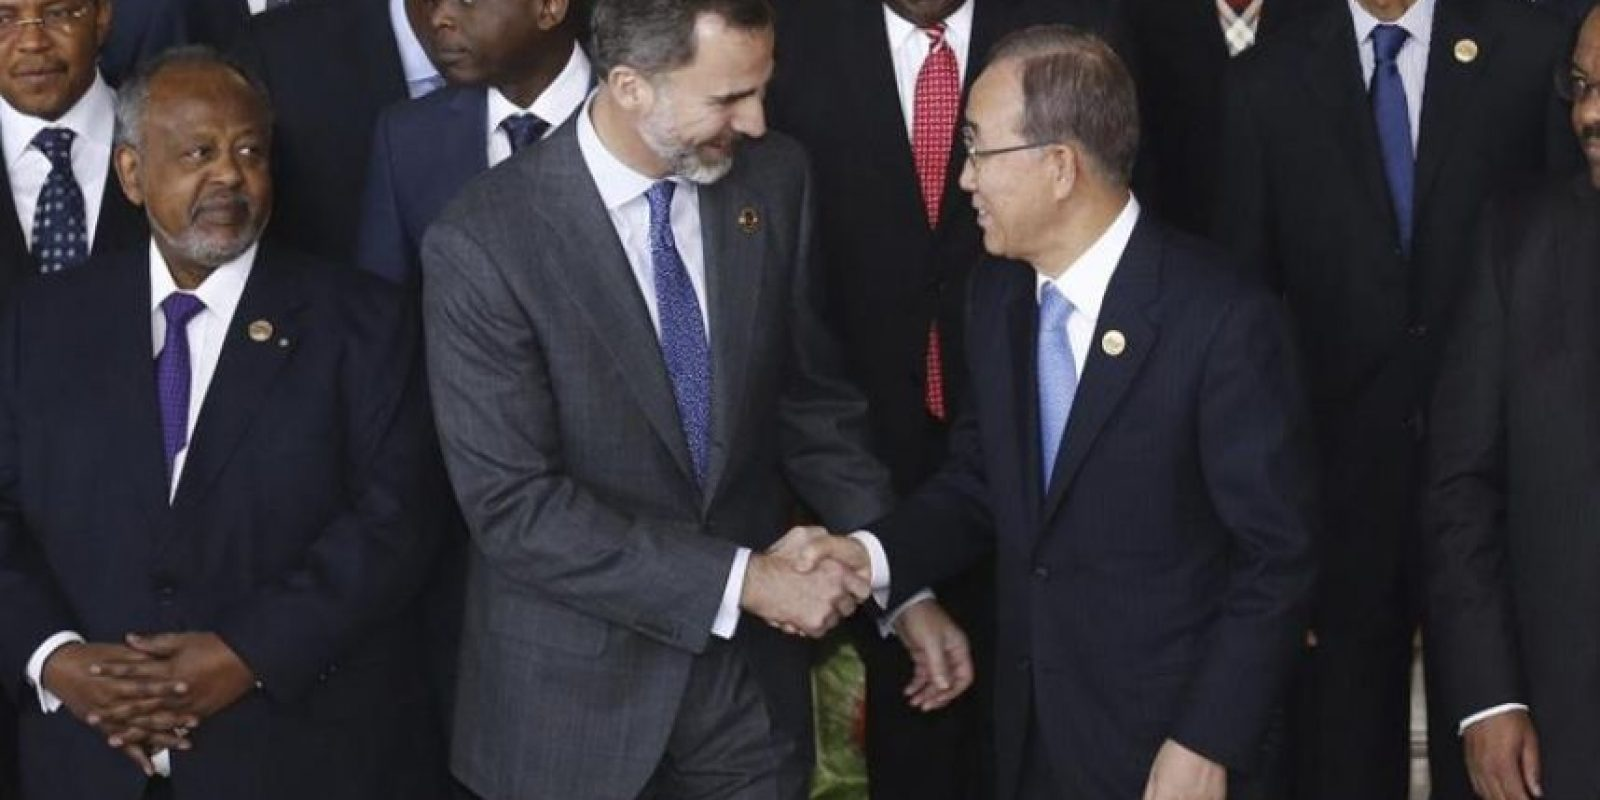 El rey Felipe VI saluda al secretario general de la ONU, Ban Ki-moon, durante la foto de familia de la sesión de apertura de la 24 cumbre de la Unión Africana (UA). EFE